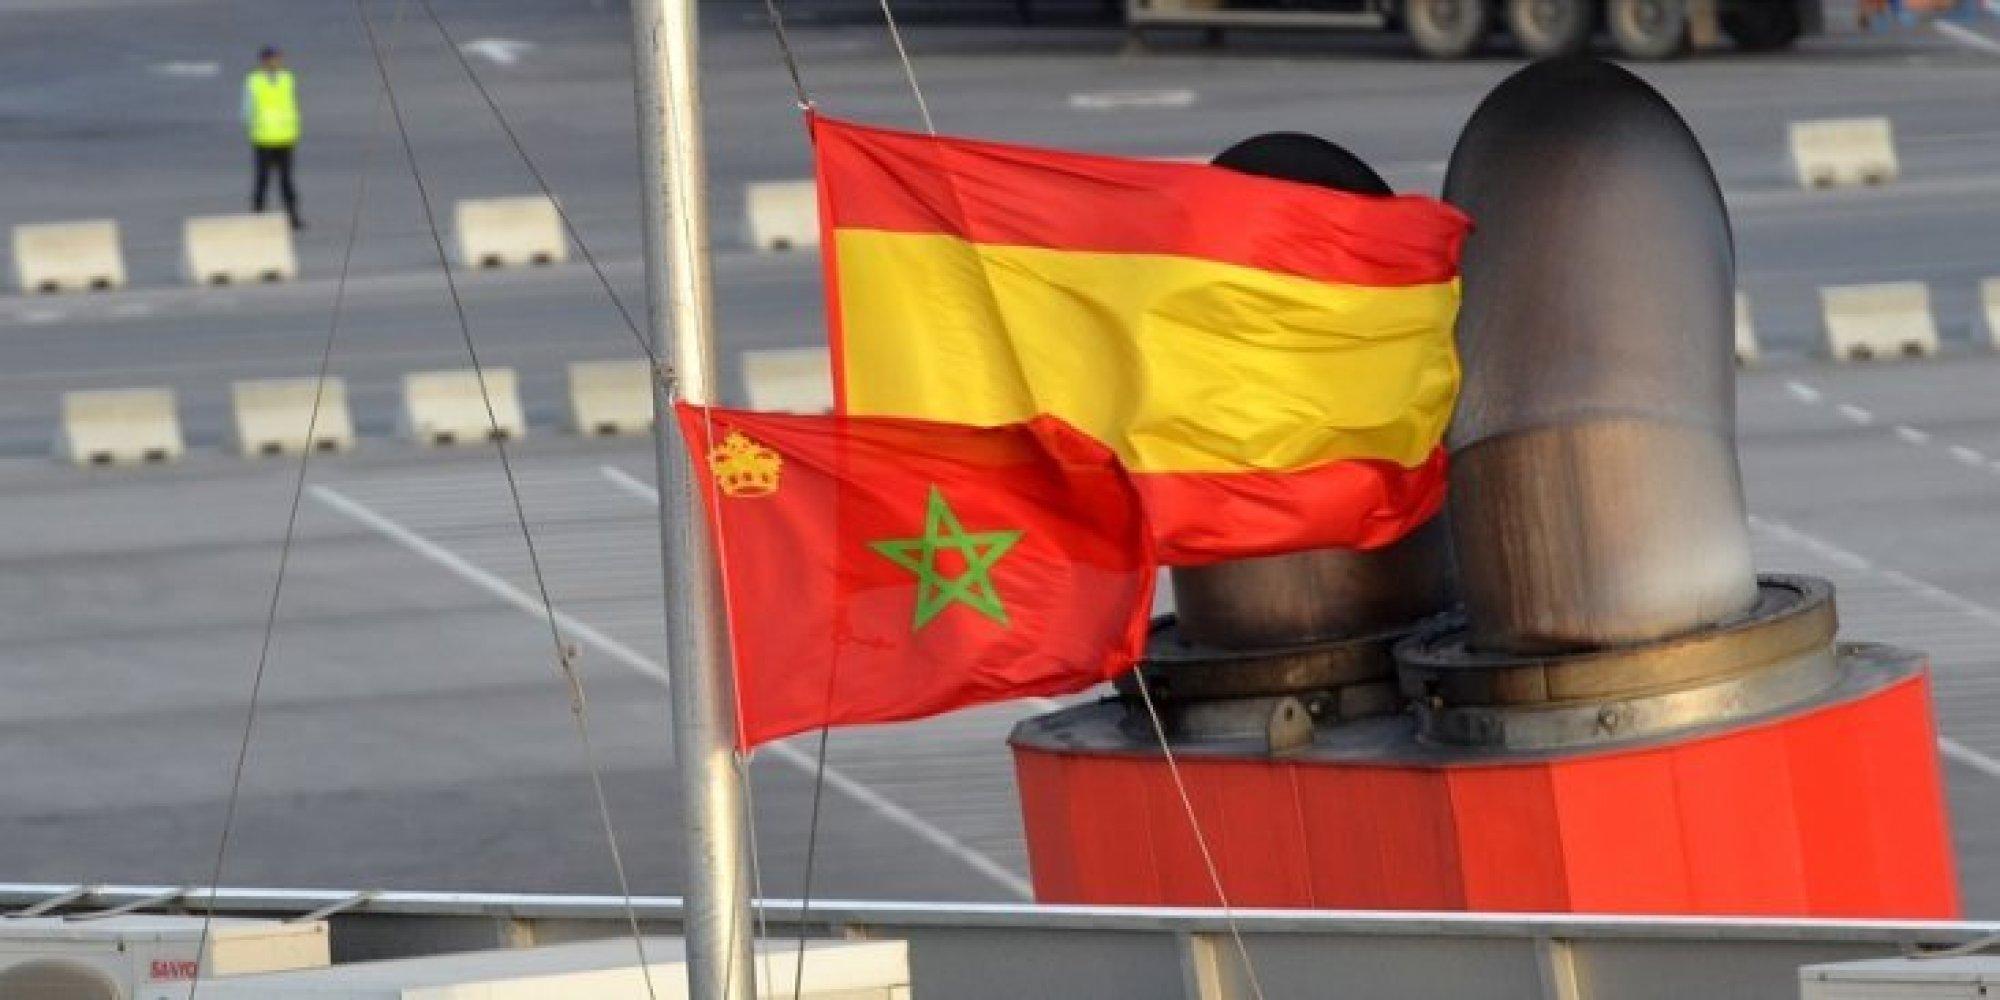 Rencontre femmes du maroc